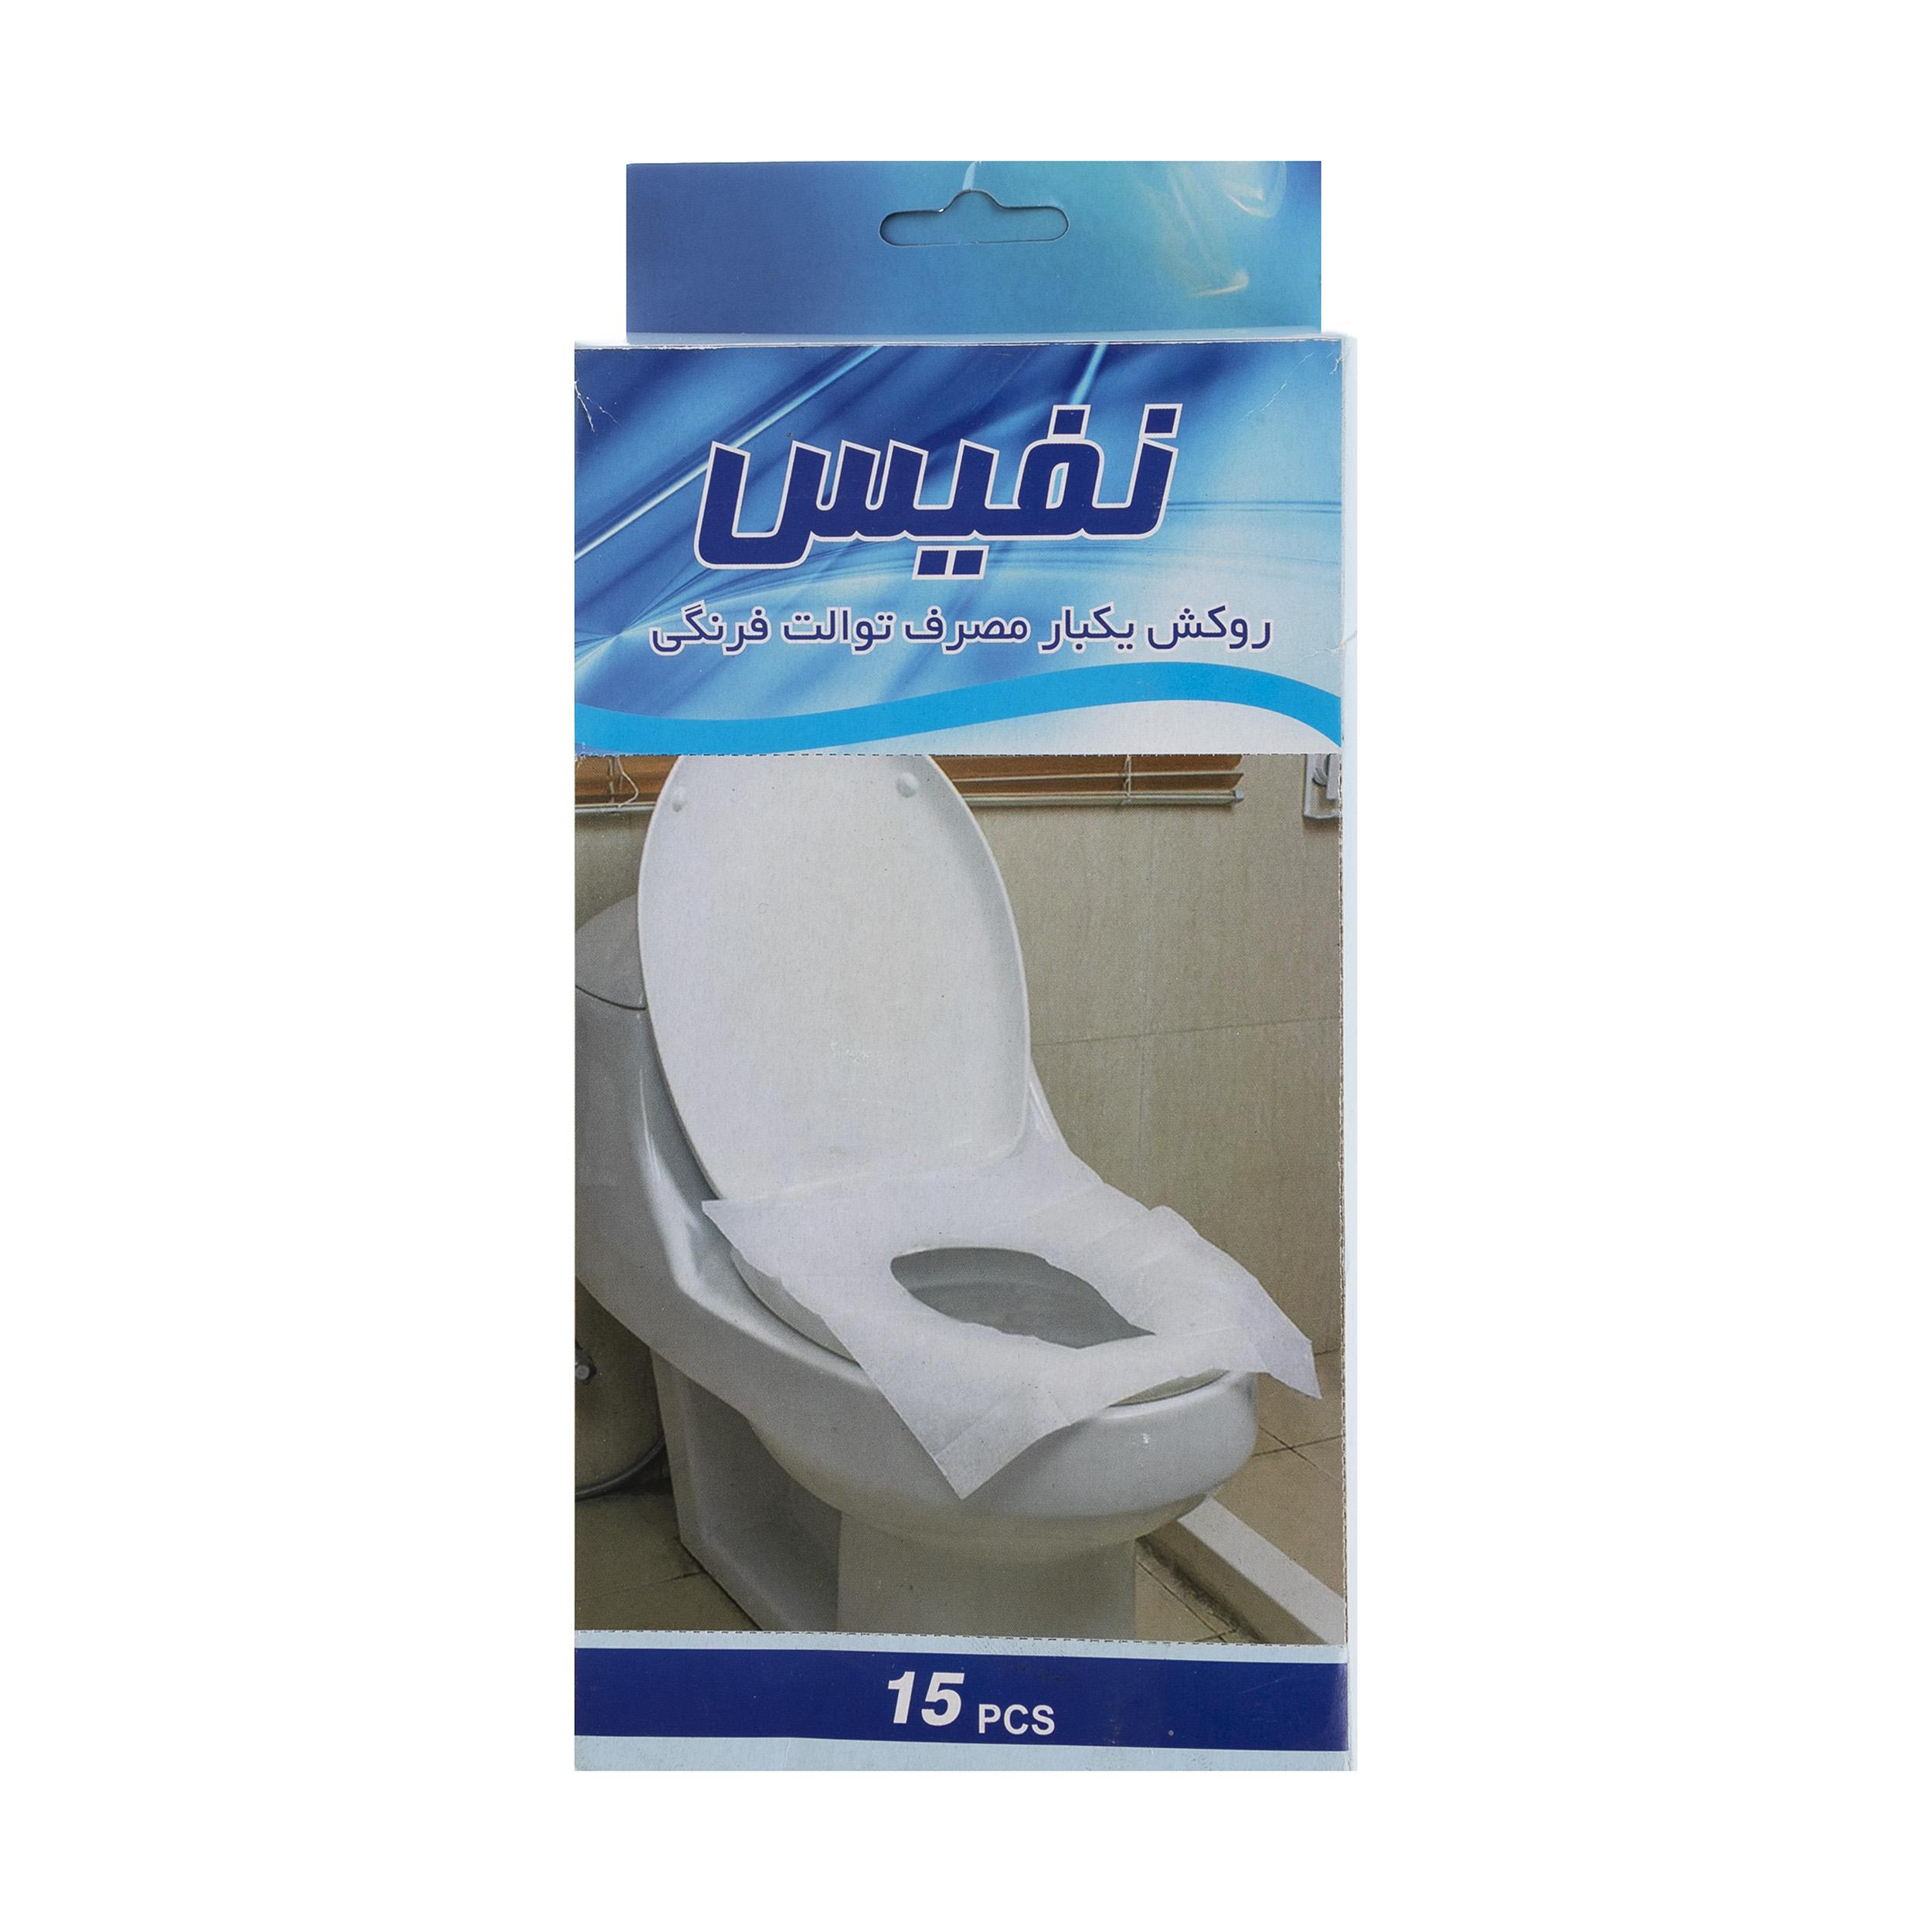 روکش یکبار مصرف توالت فرنگی نفیس مدل A115 بسته 15 عددی